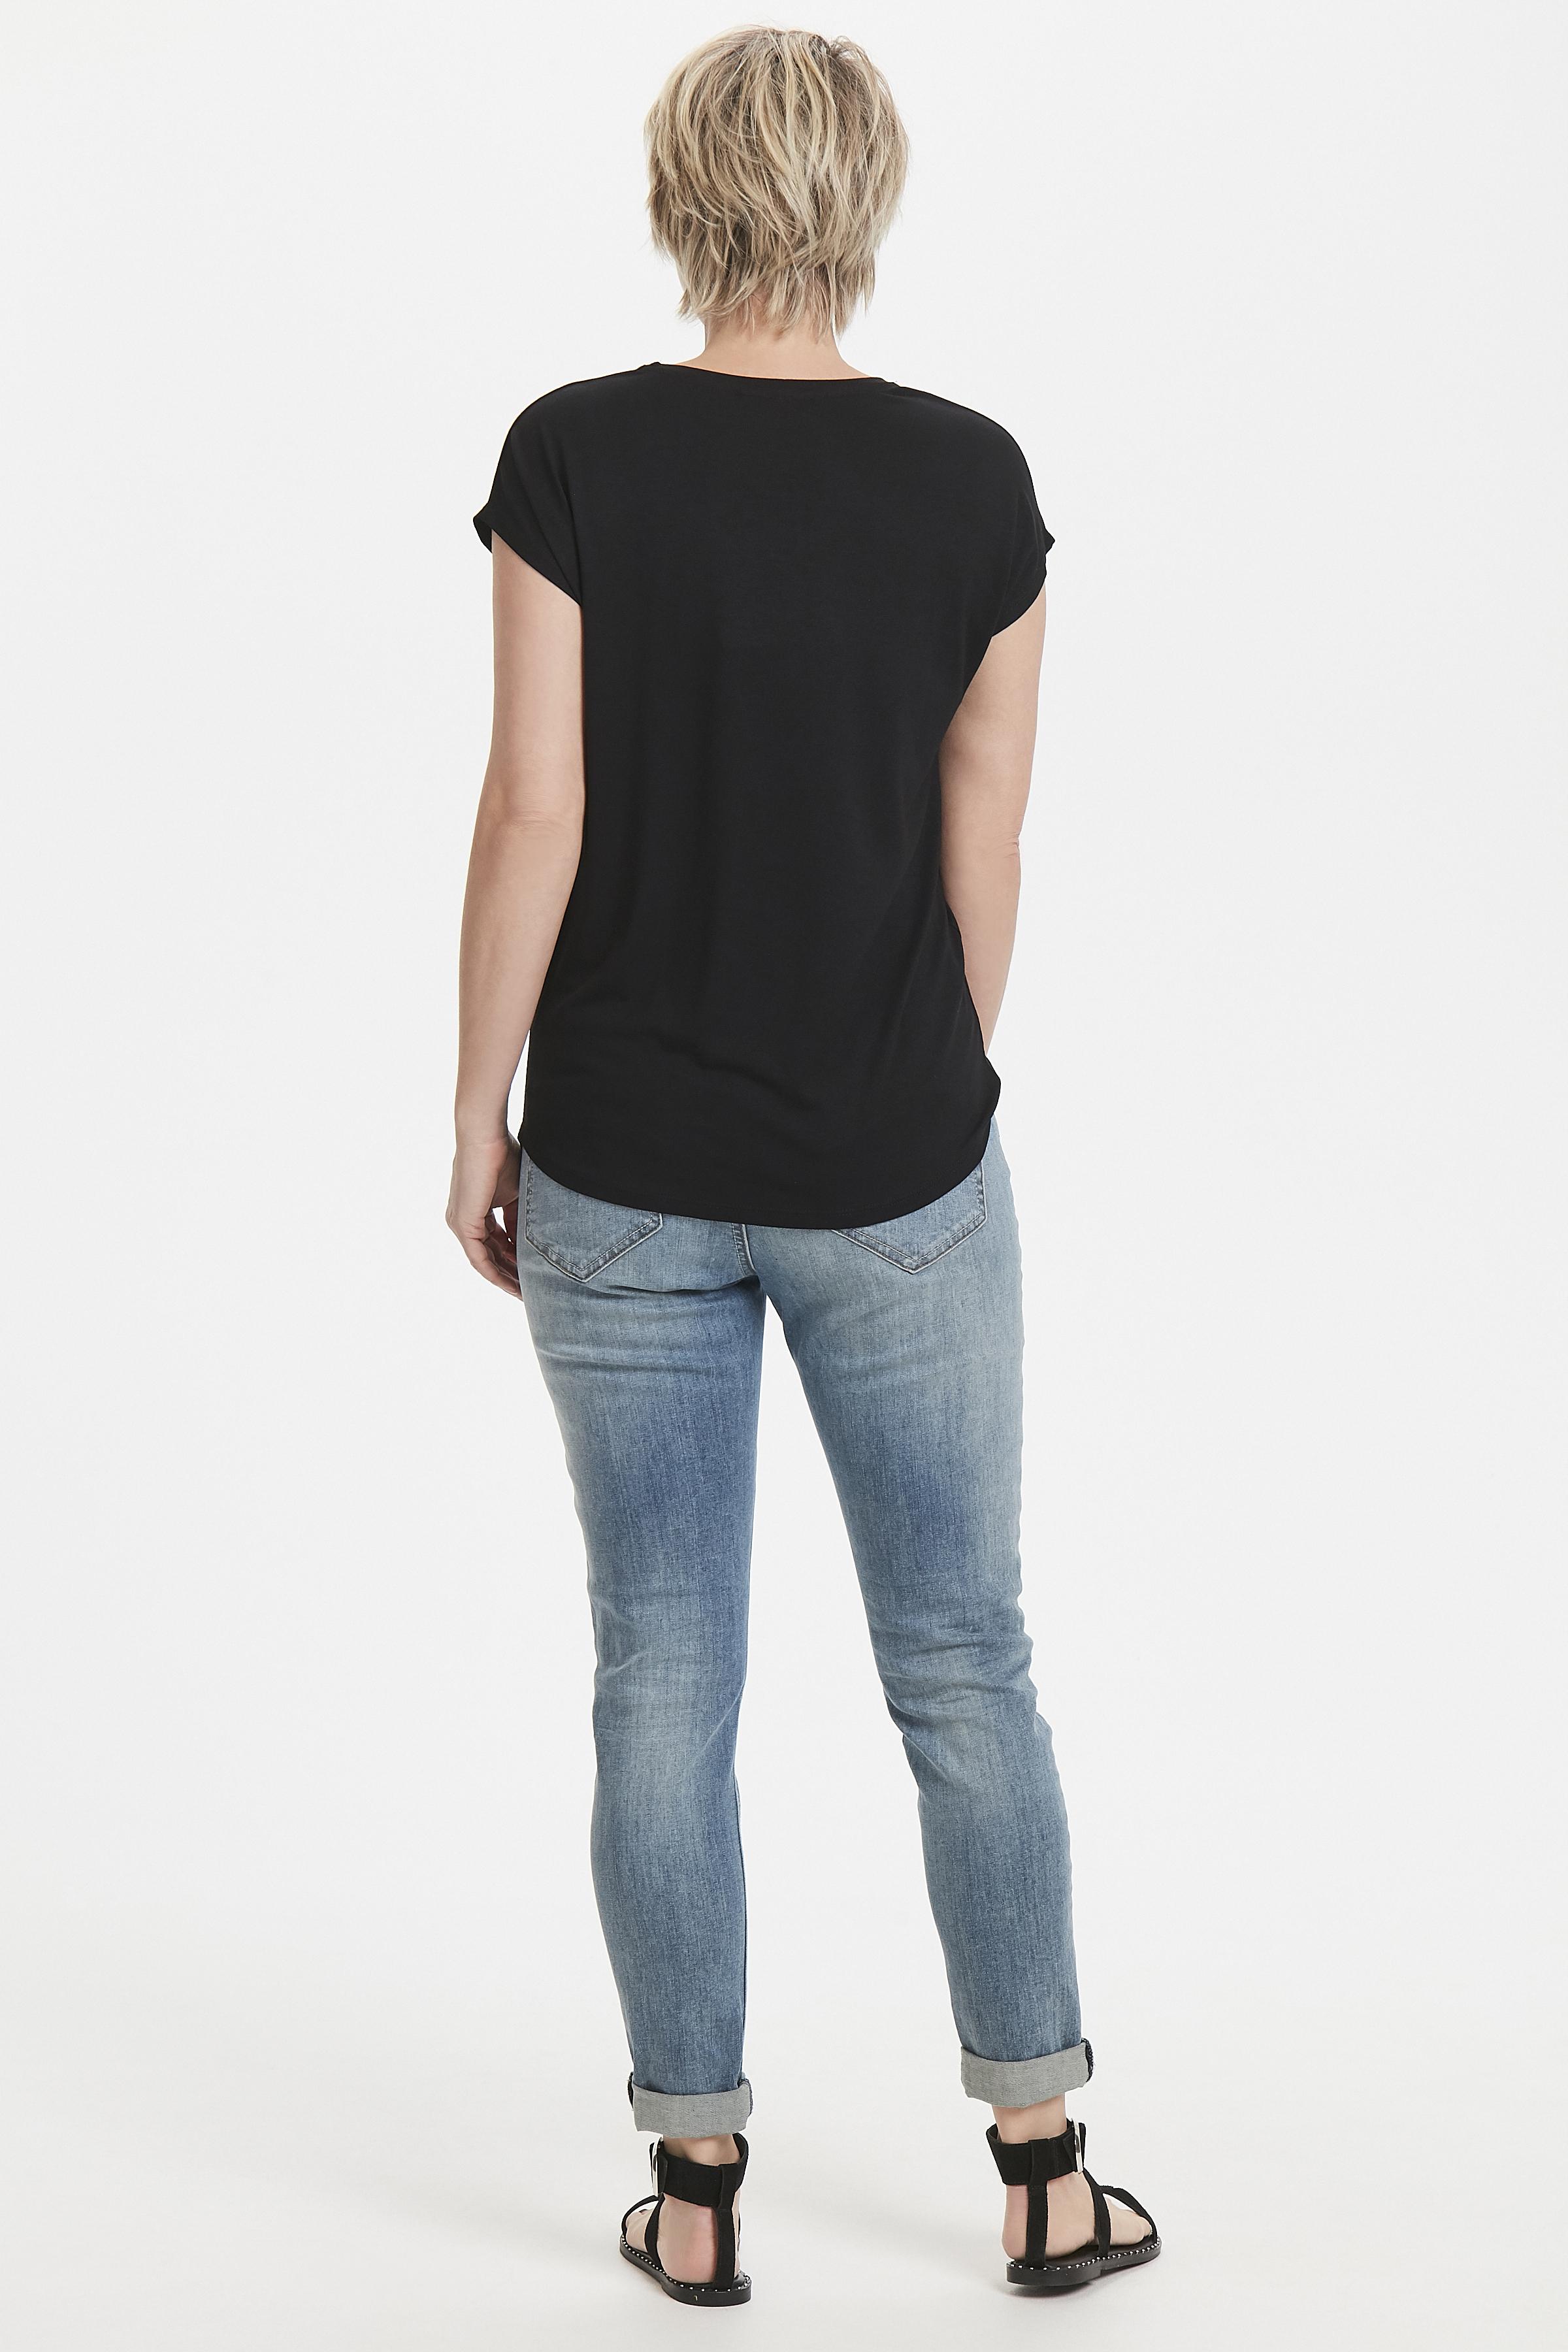 Zwart Korte mouwen T-shirt  van Bon'A Parte – Door Zwart Korte mouwen T-shirt  van maat. S-2XL hier